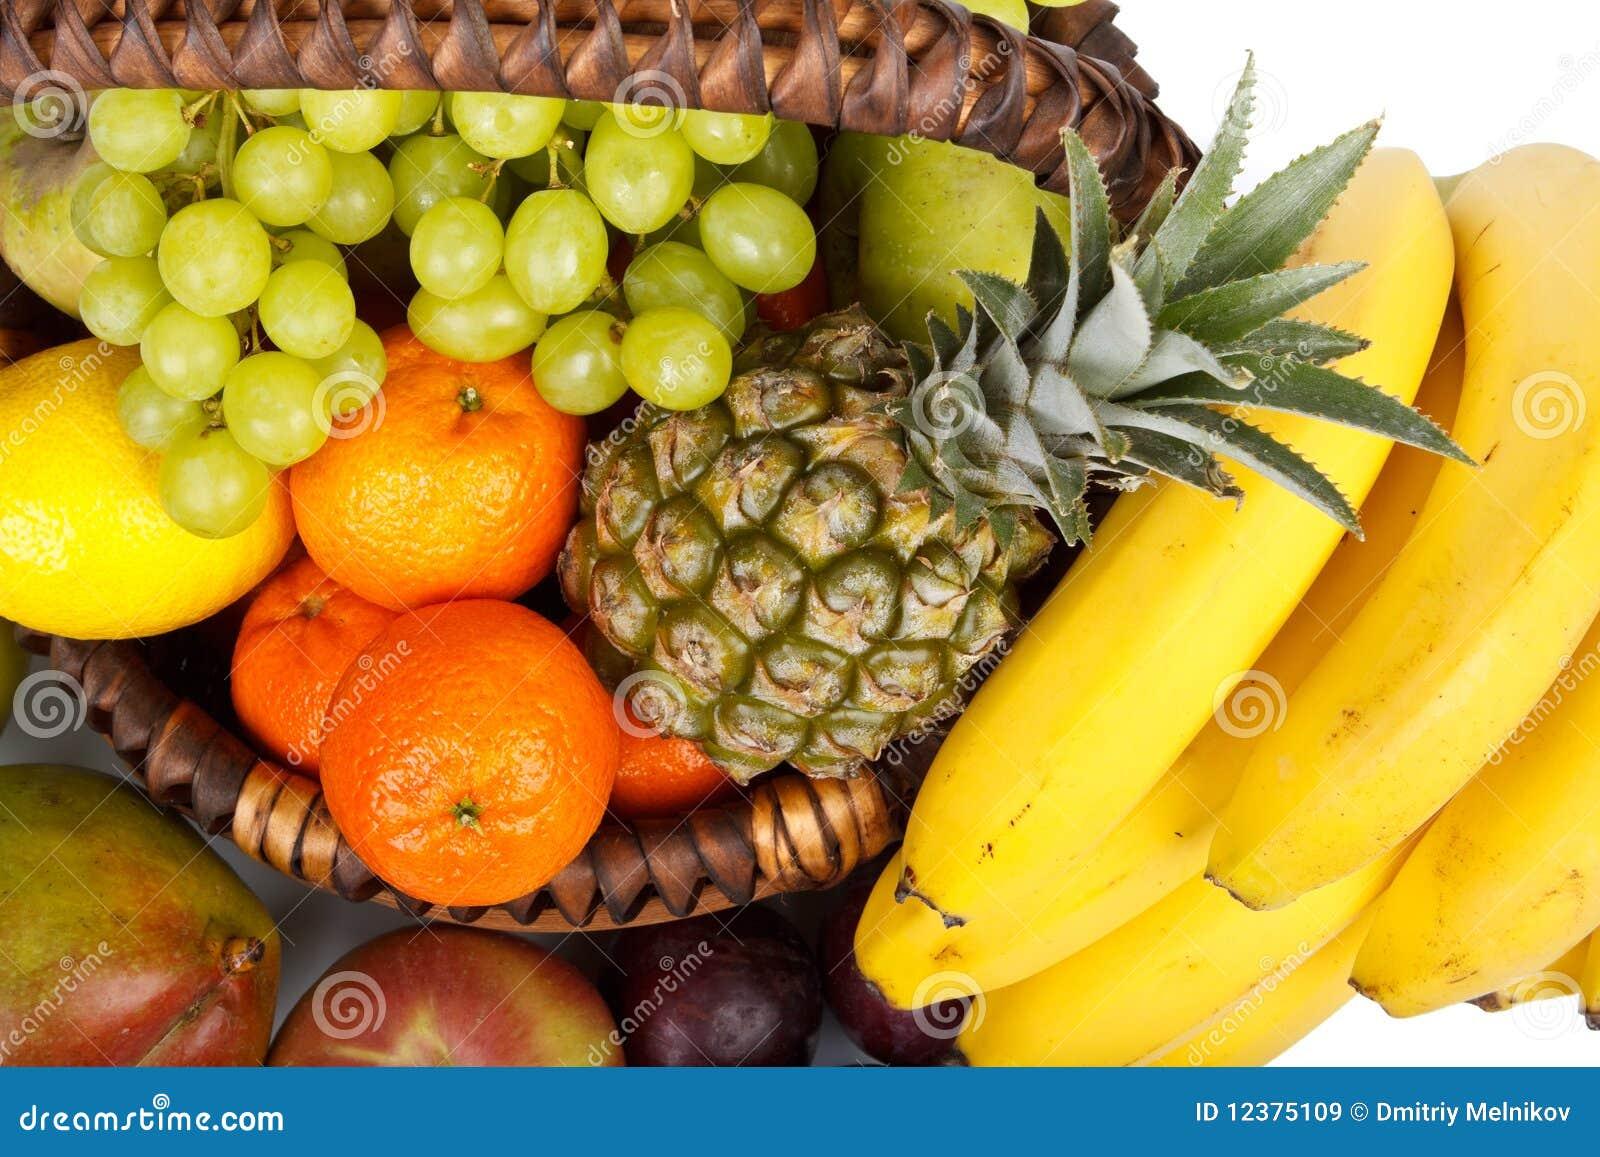 Fruits жизнь все еще